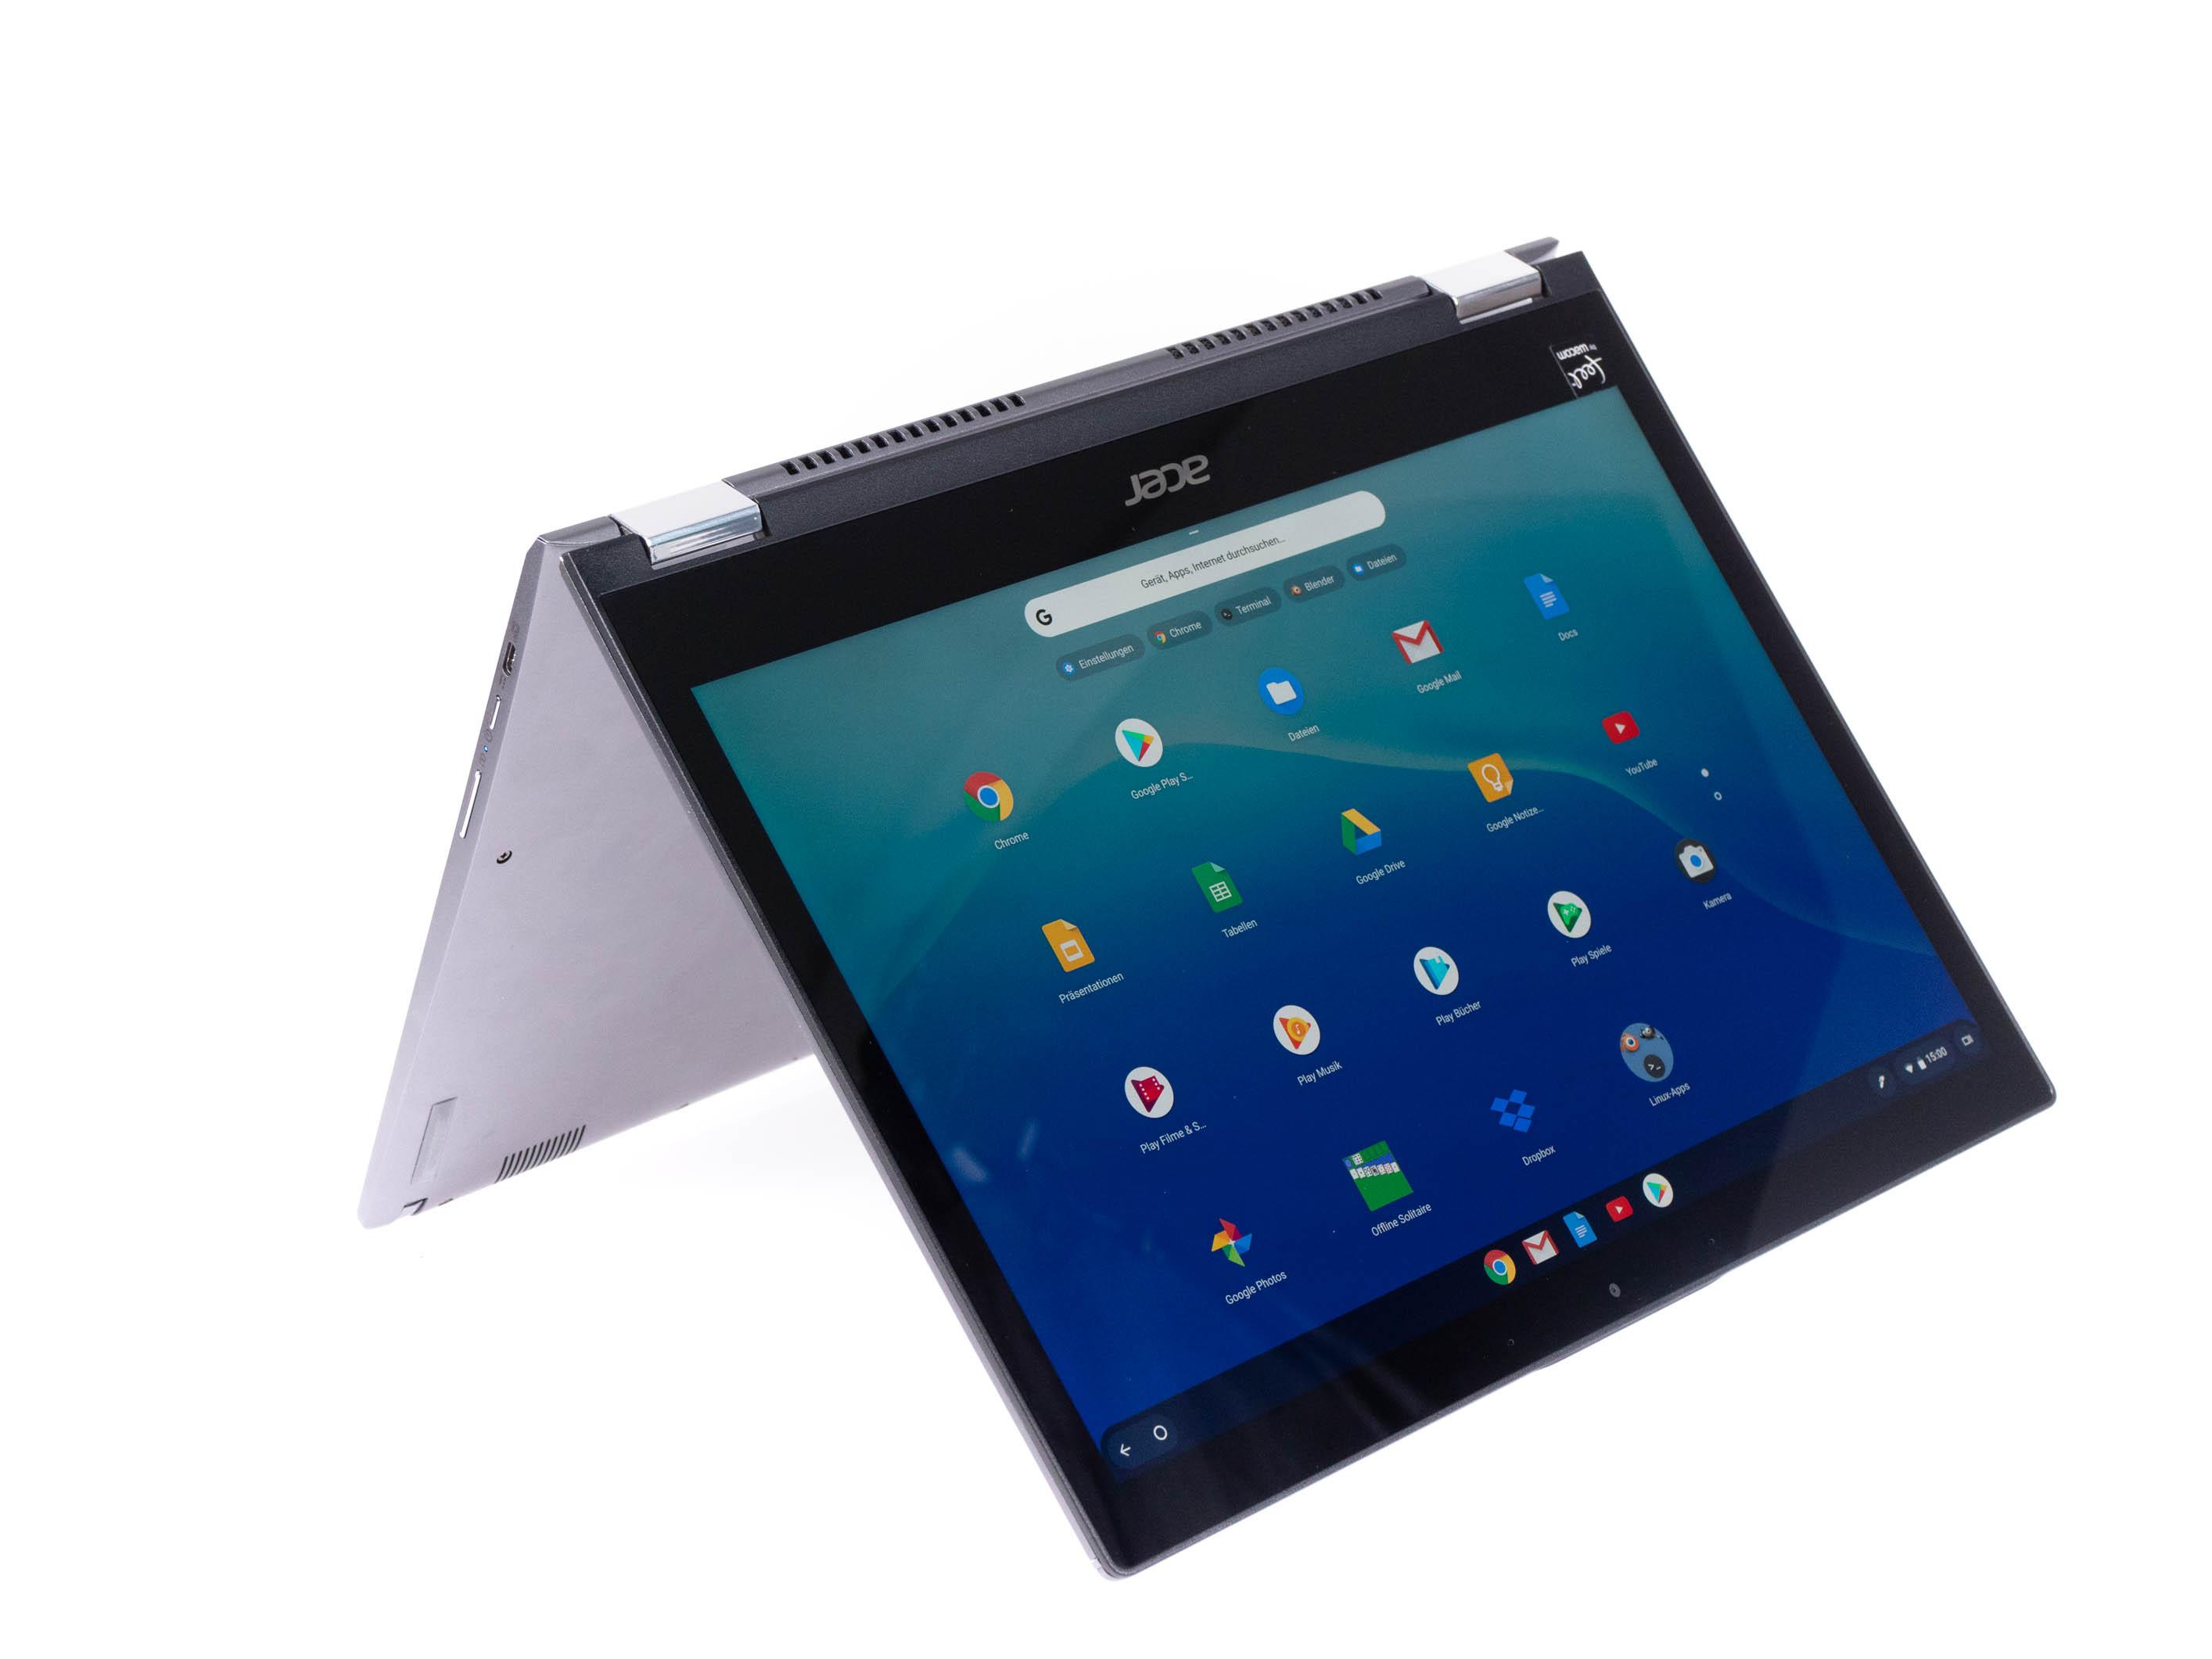 Chromebook Spin 13 im Alltagstest: Tolles Notebook mit Software-Bremse - Das Display des Spin 13 kann um 360 Grad gedreht werden. (Bild: Anna Benavente/Golem.de)